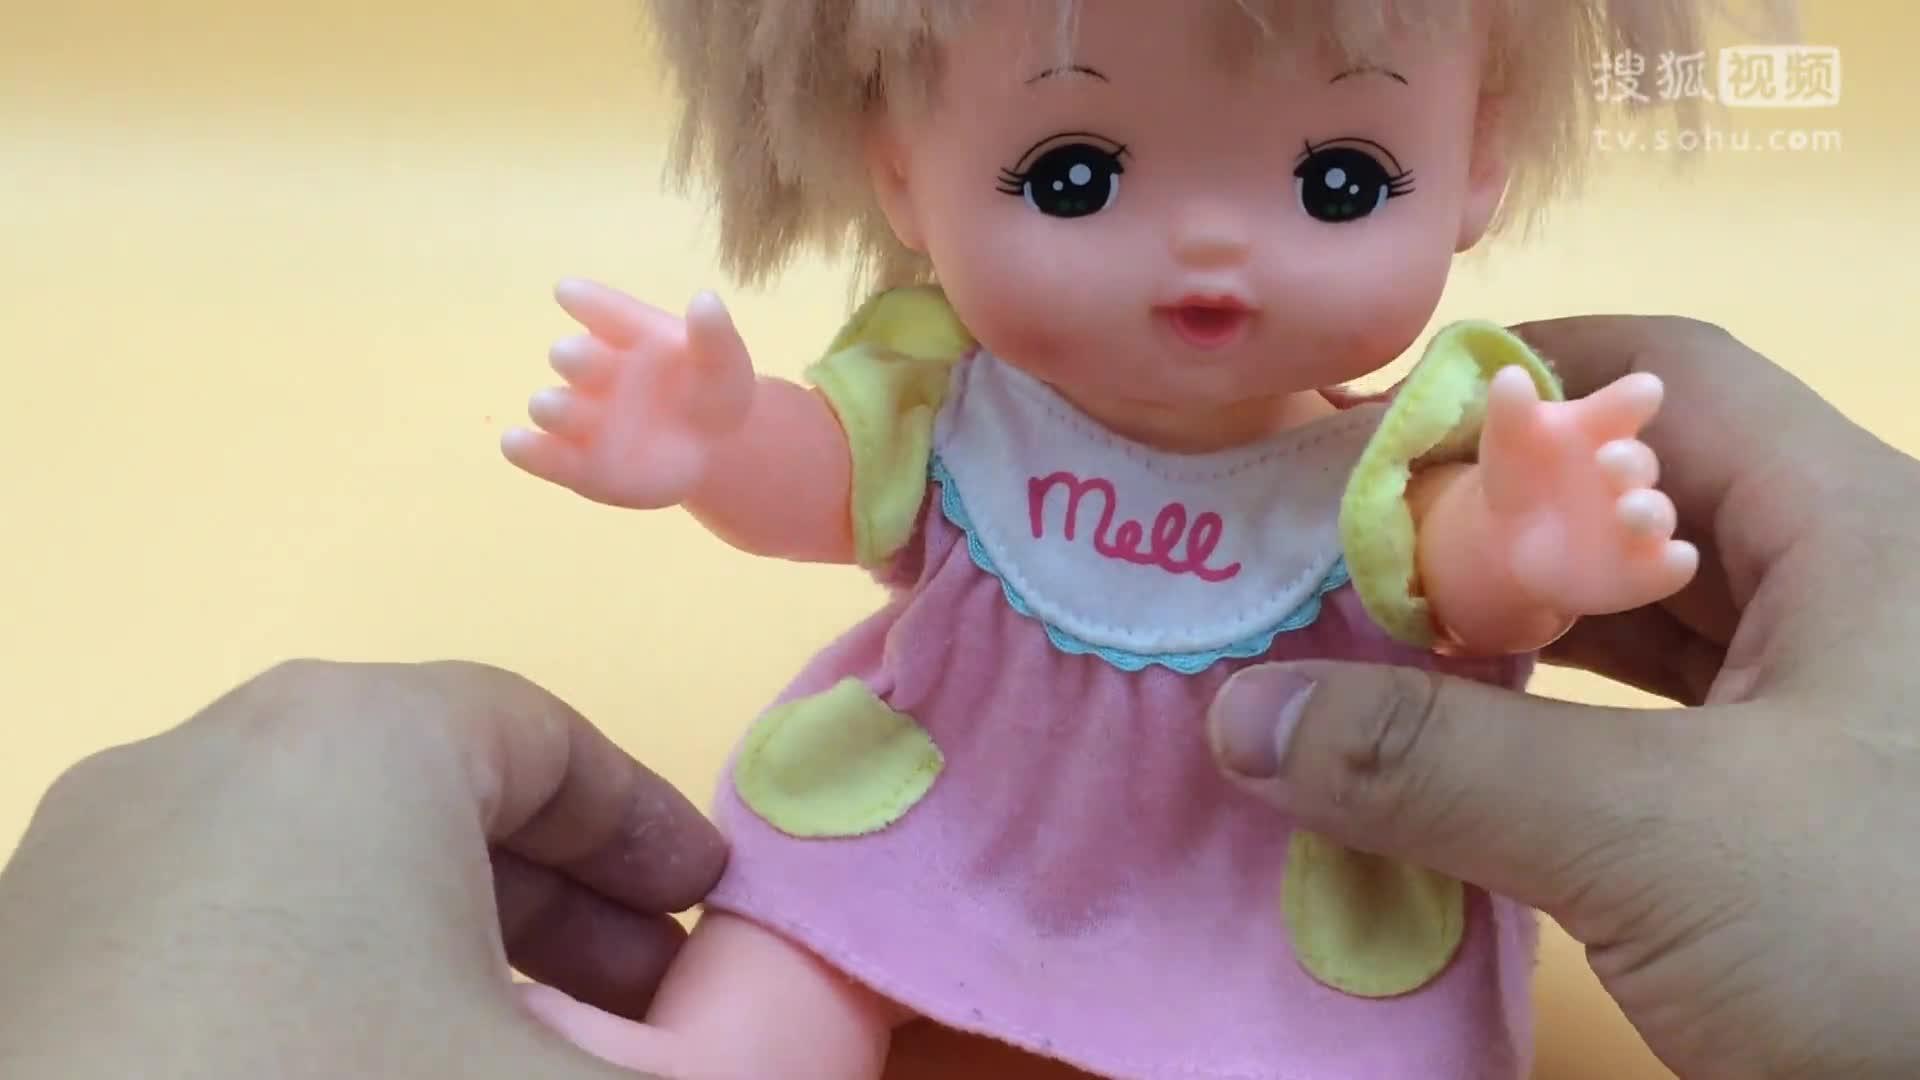 芭比娃娃米露穿衣服过家家